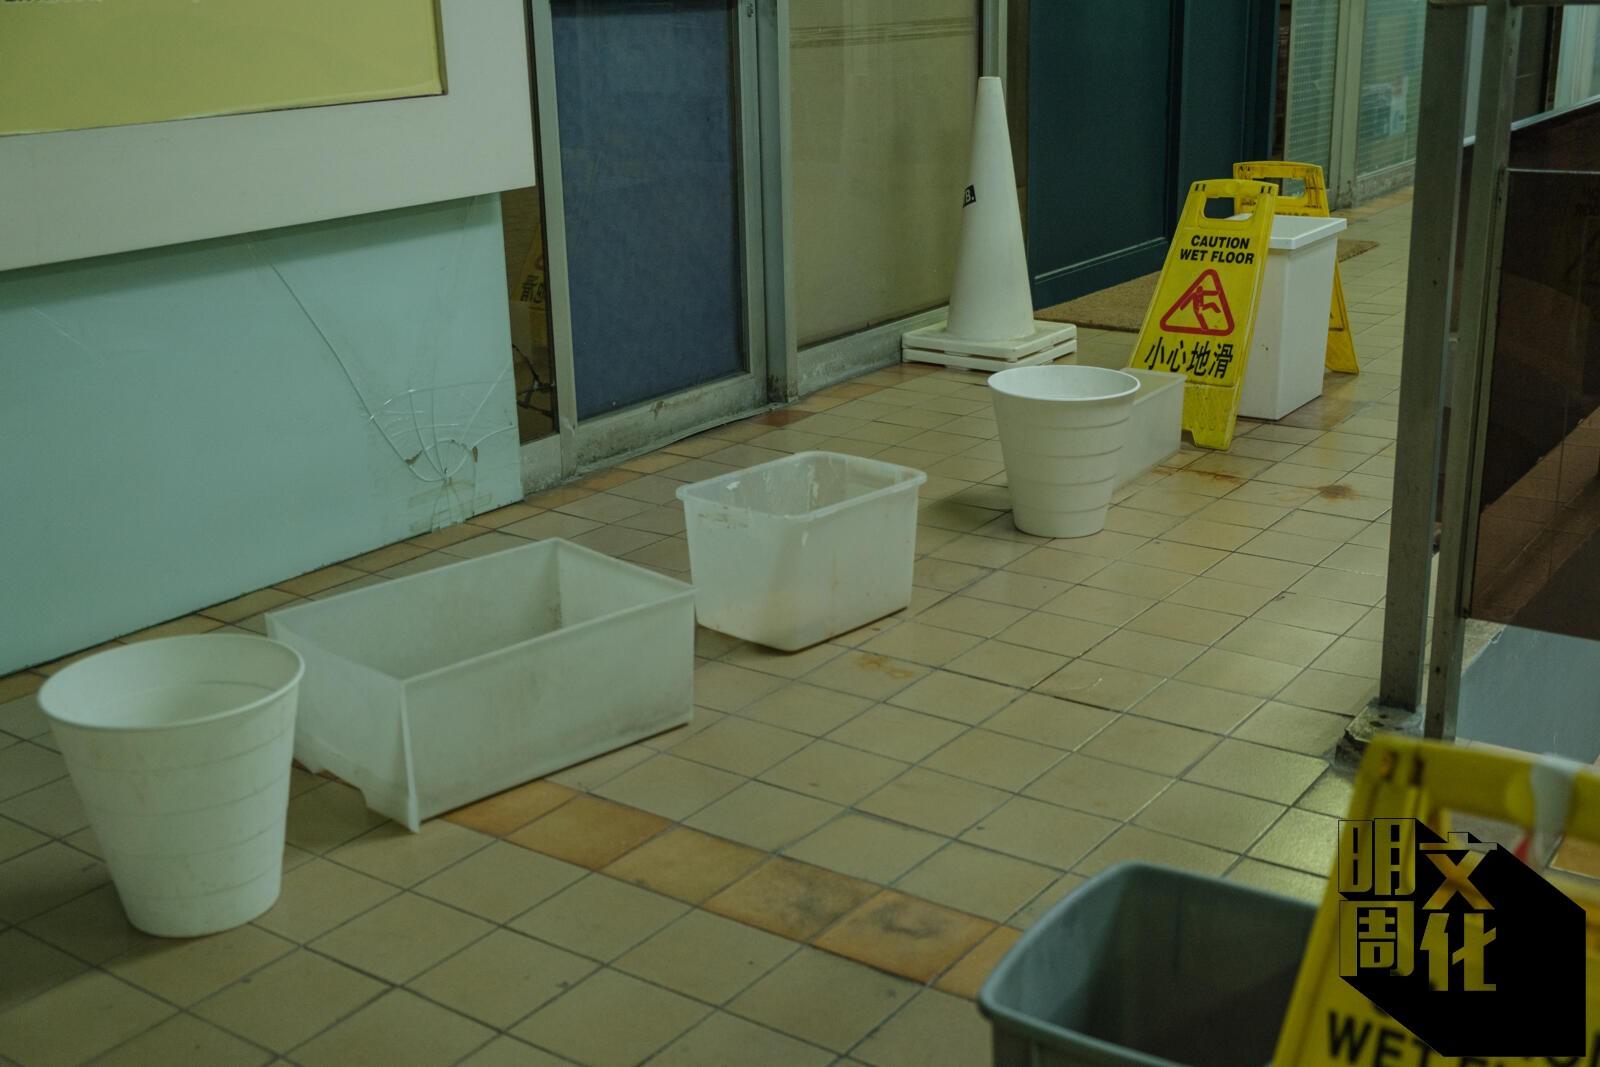 租戶在二樓放置了一個個水桶,以接住中央冷氣的倒流水。